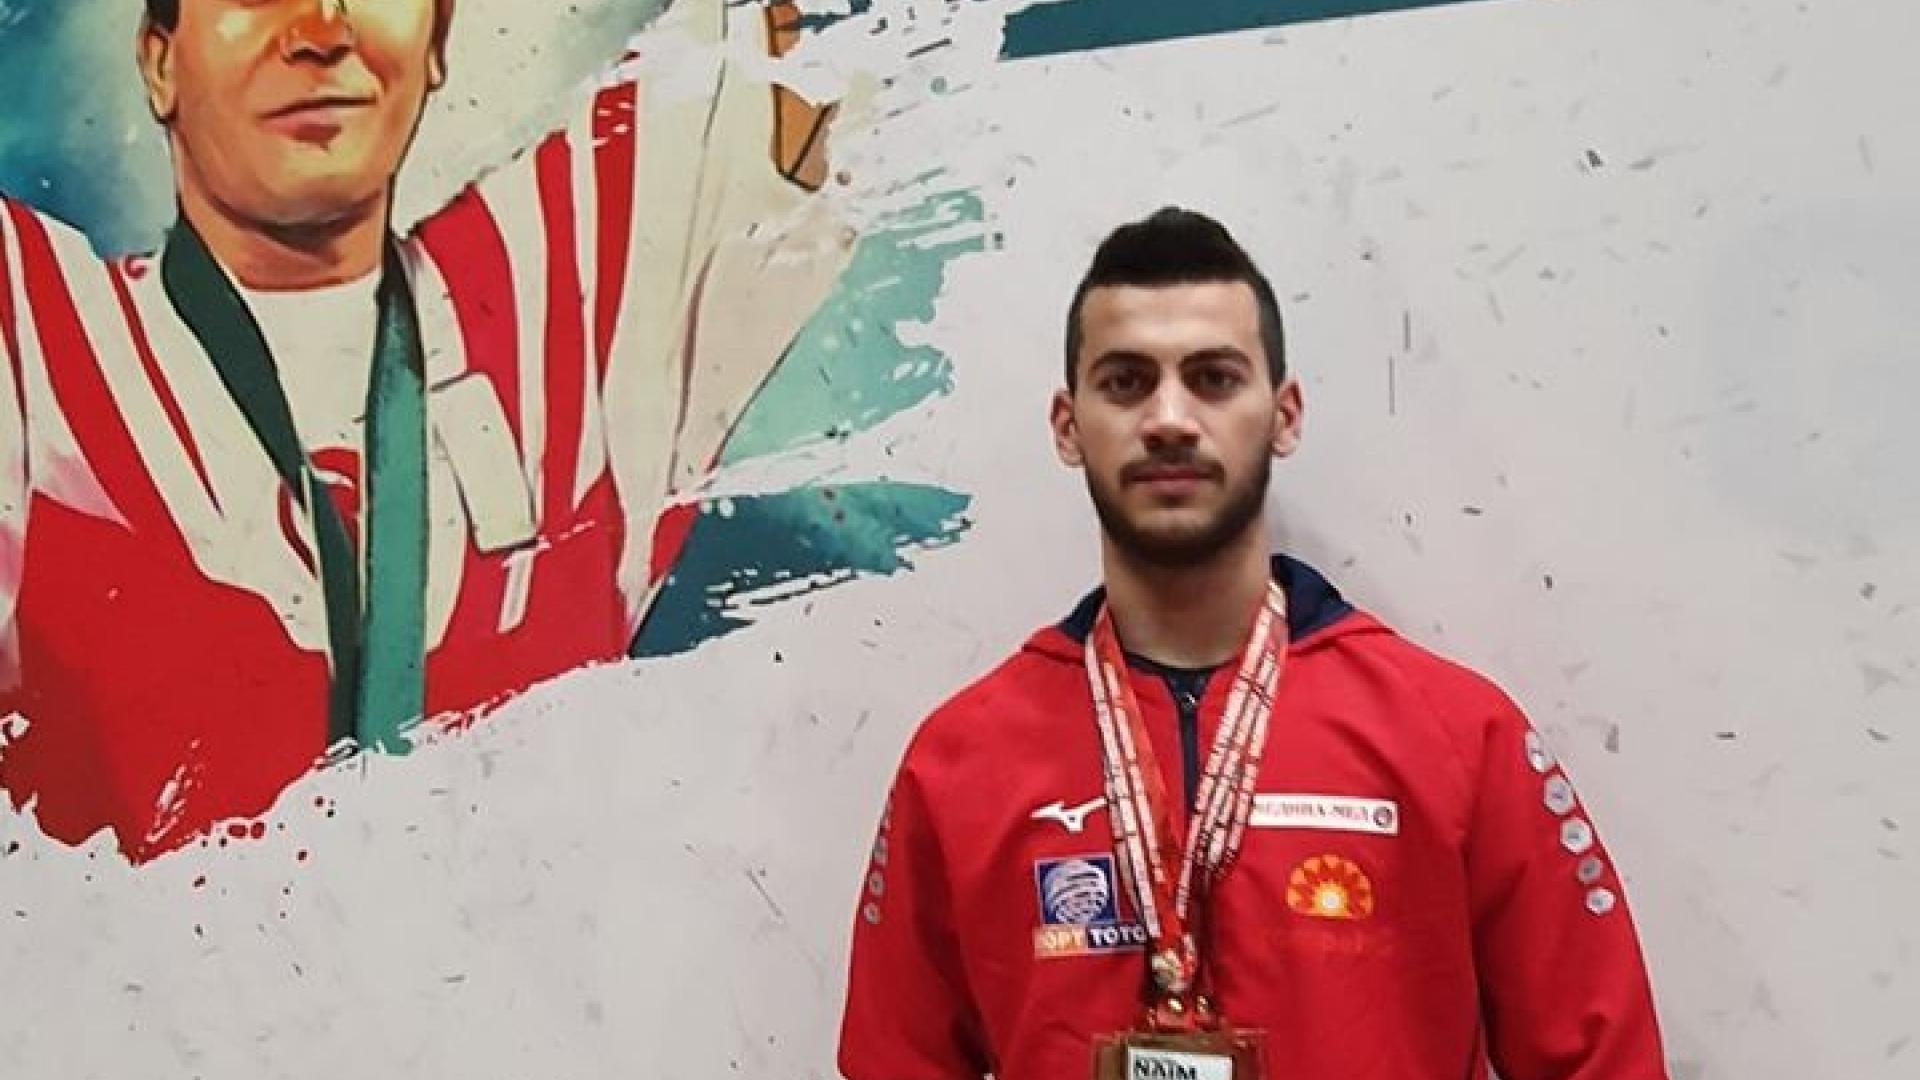 Русенски щангист със злато от мемоарен турнир посветен на Наим Сюлейманоглу